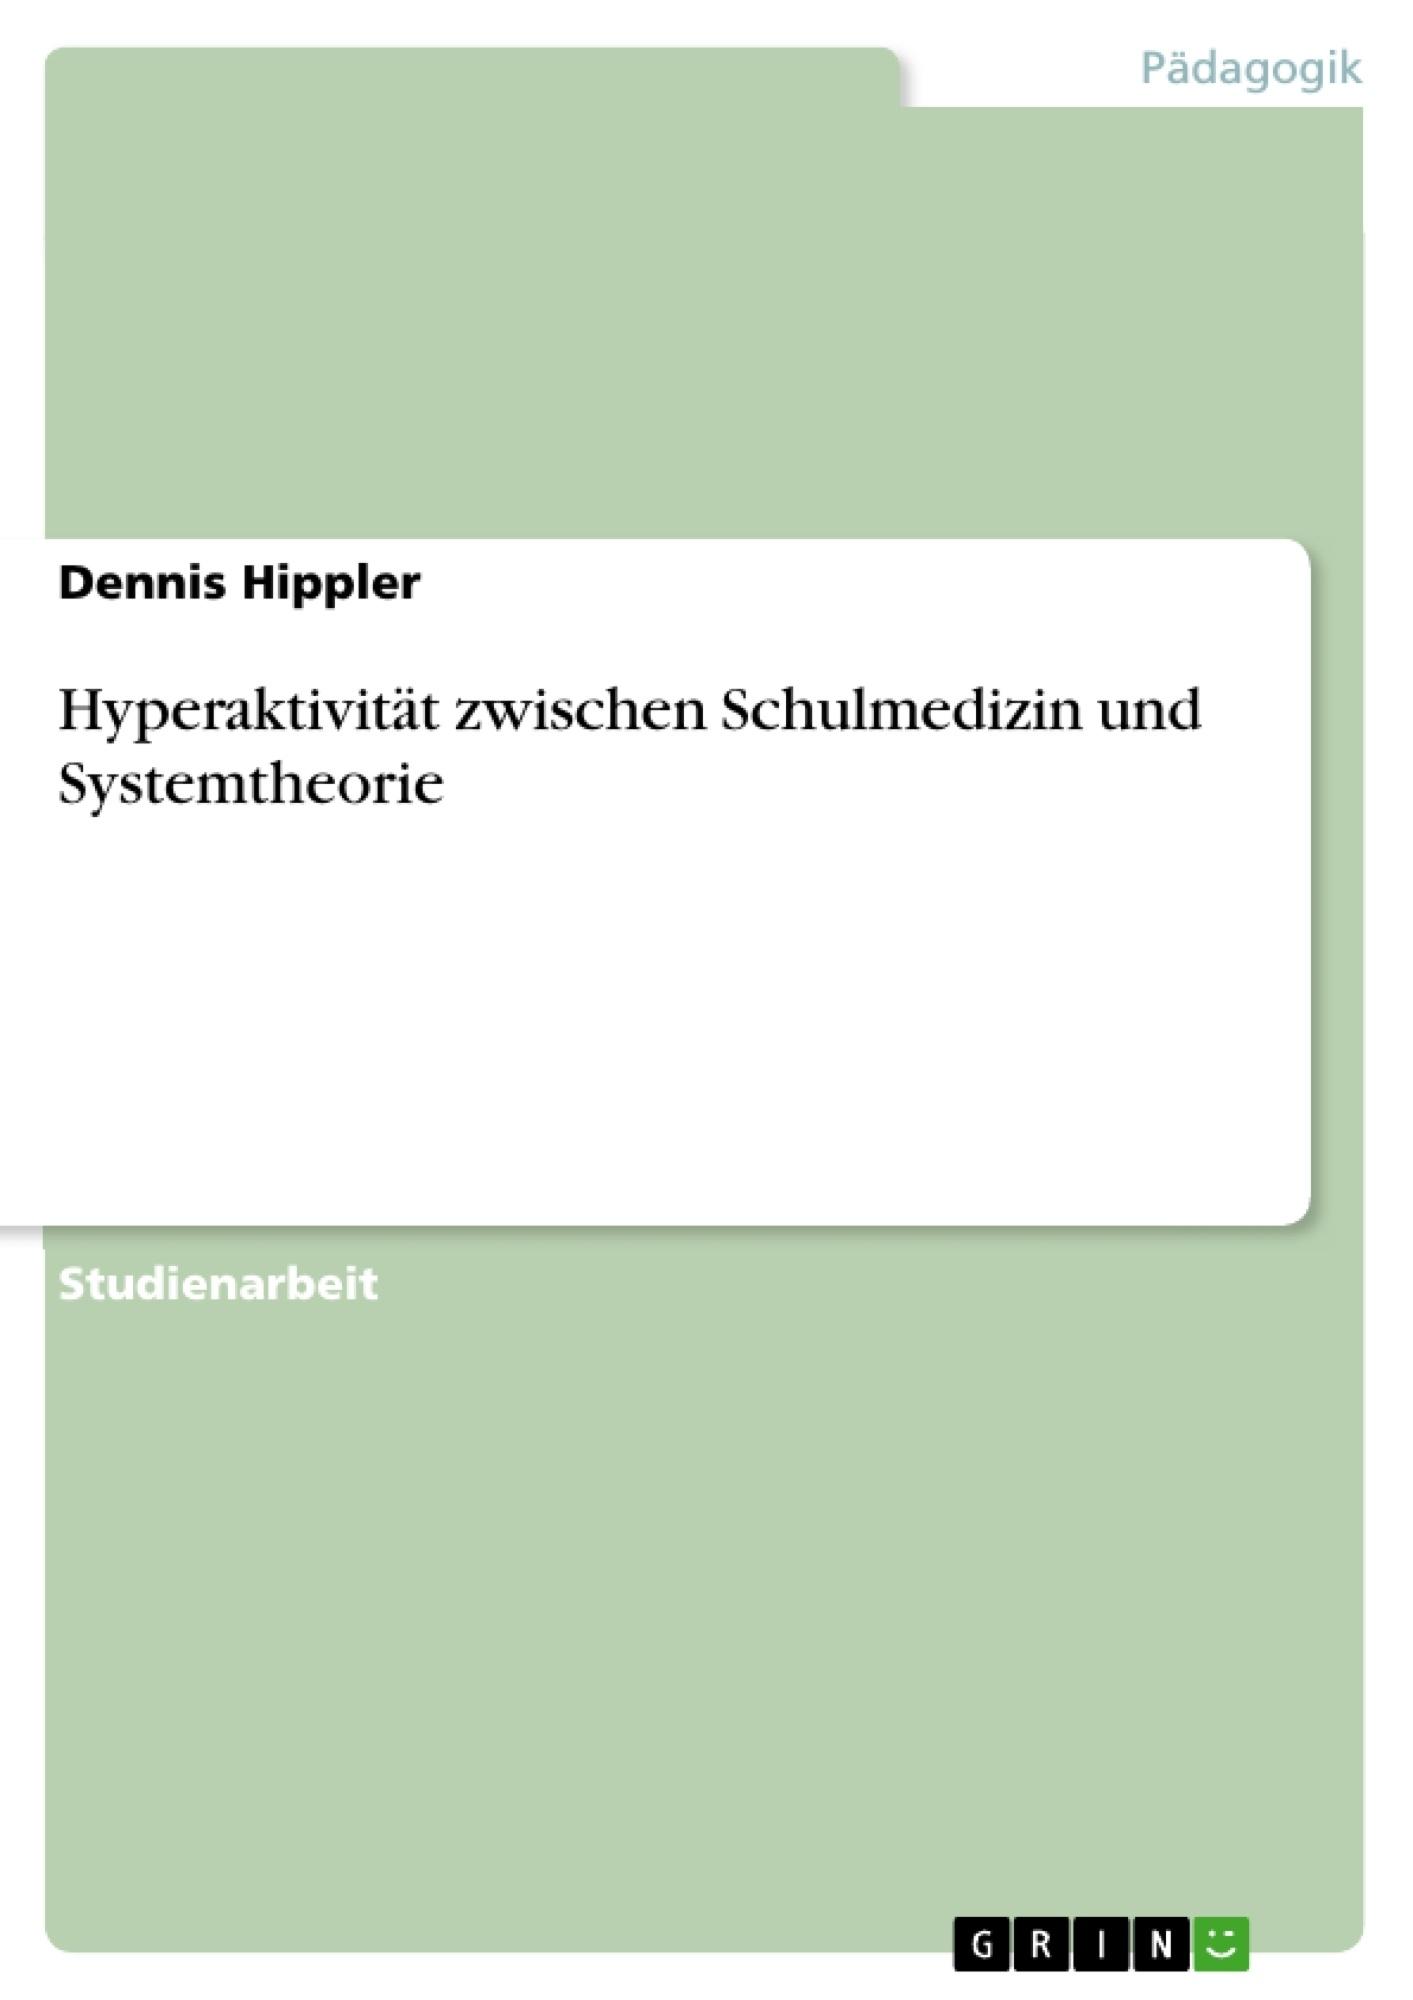 Titel: Hyperaktivität zwischen Schulmedizin und Systemtheorie